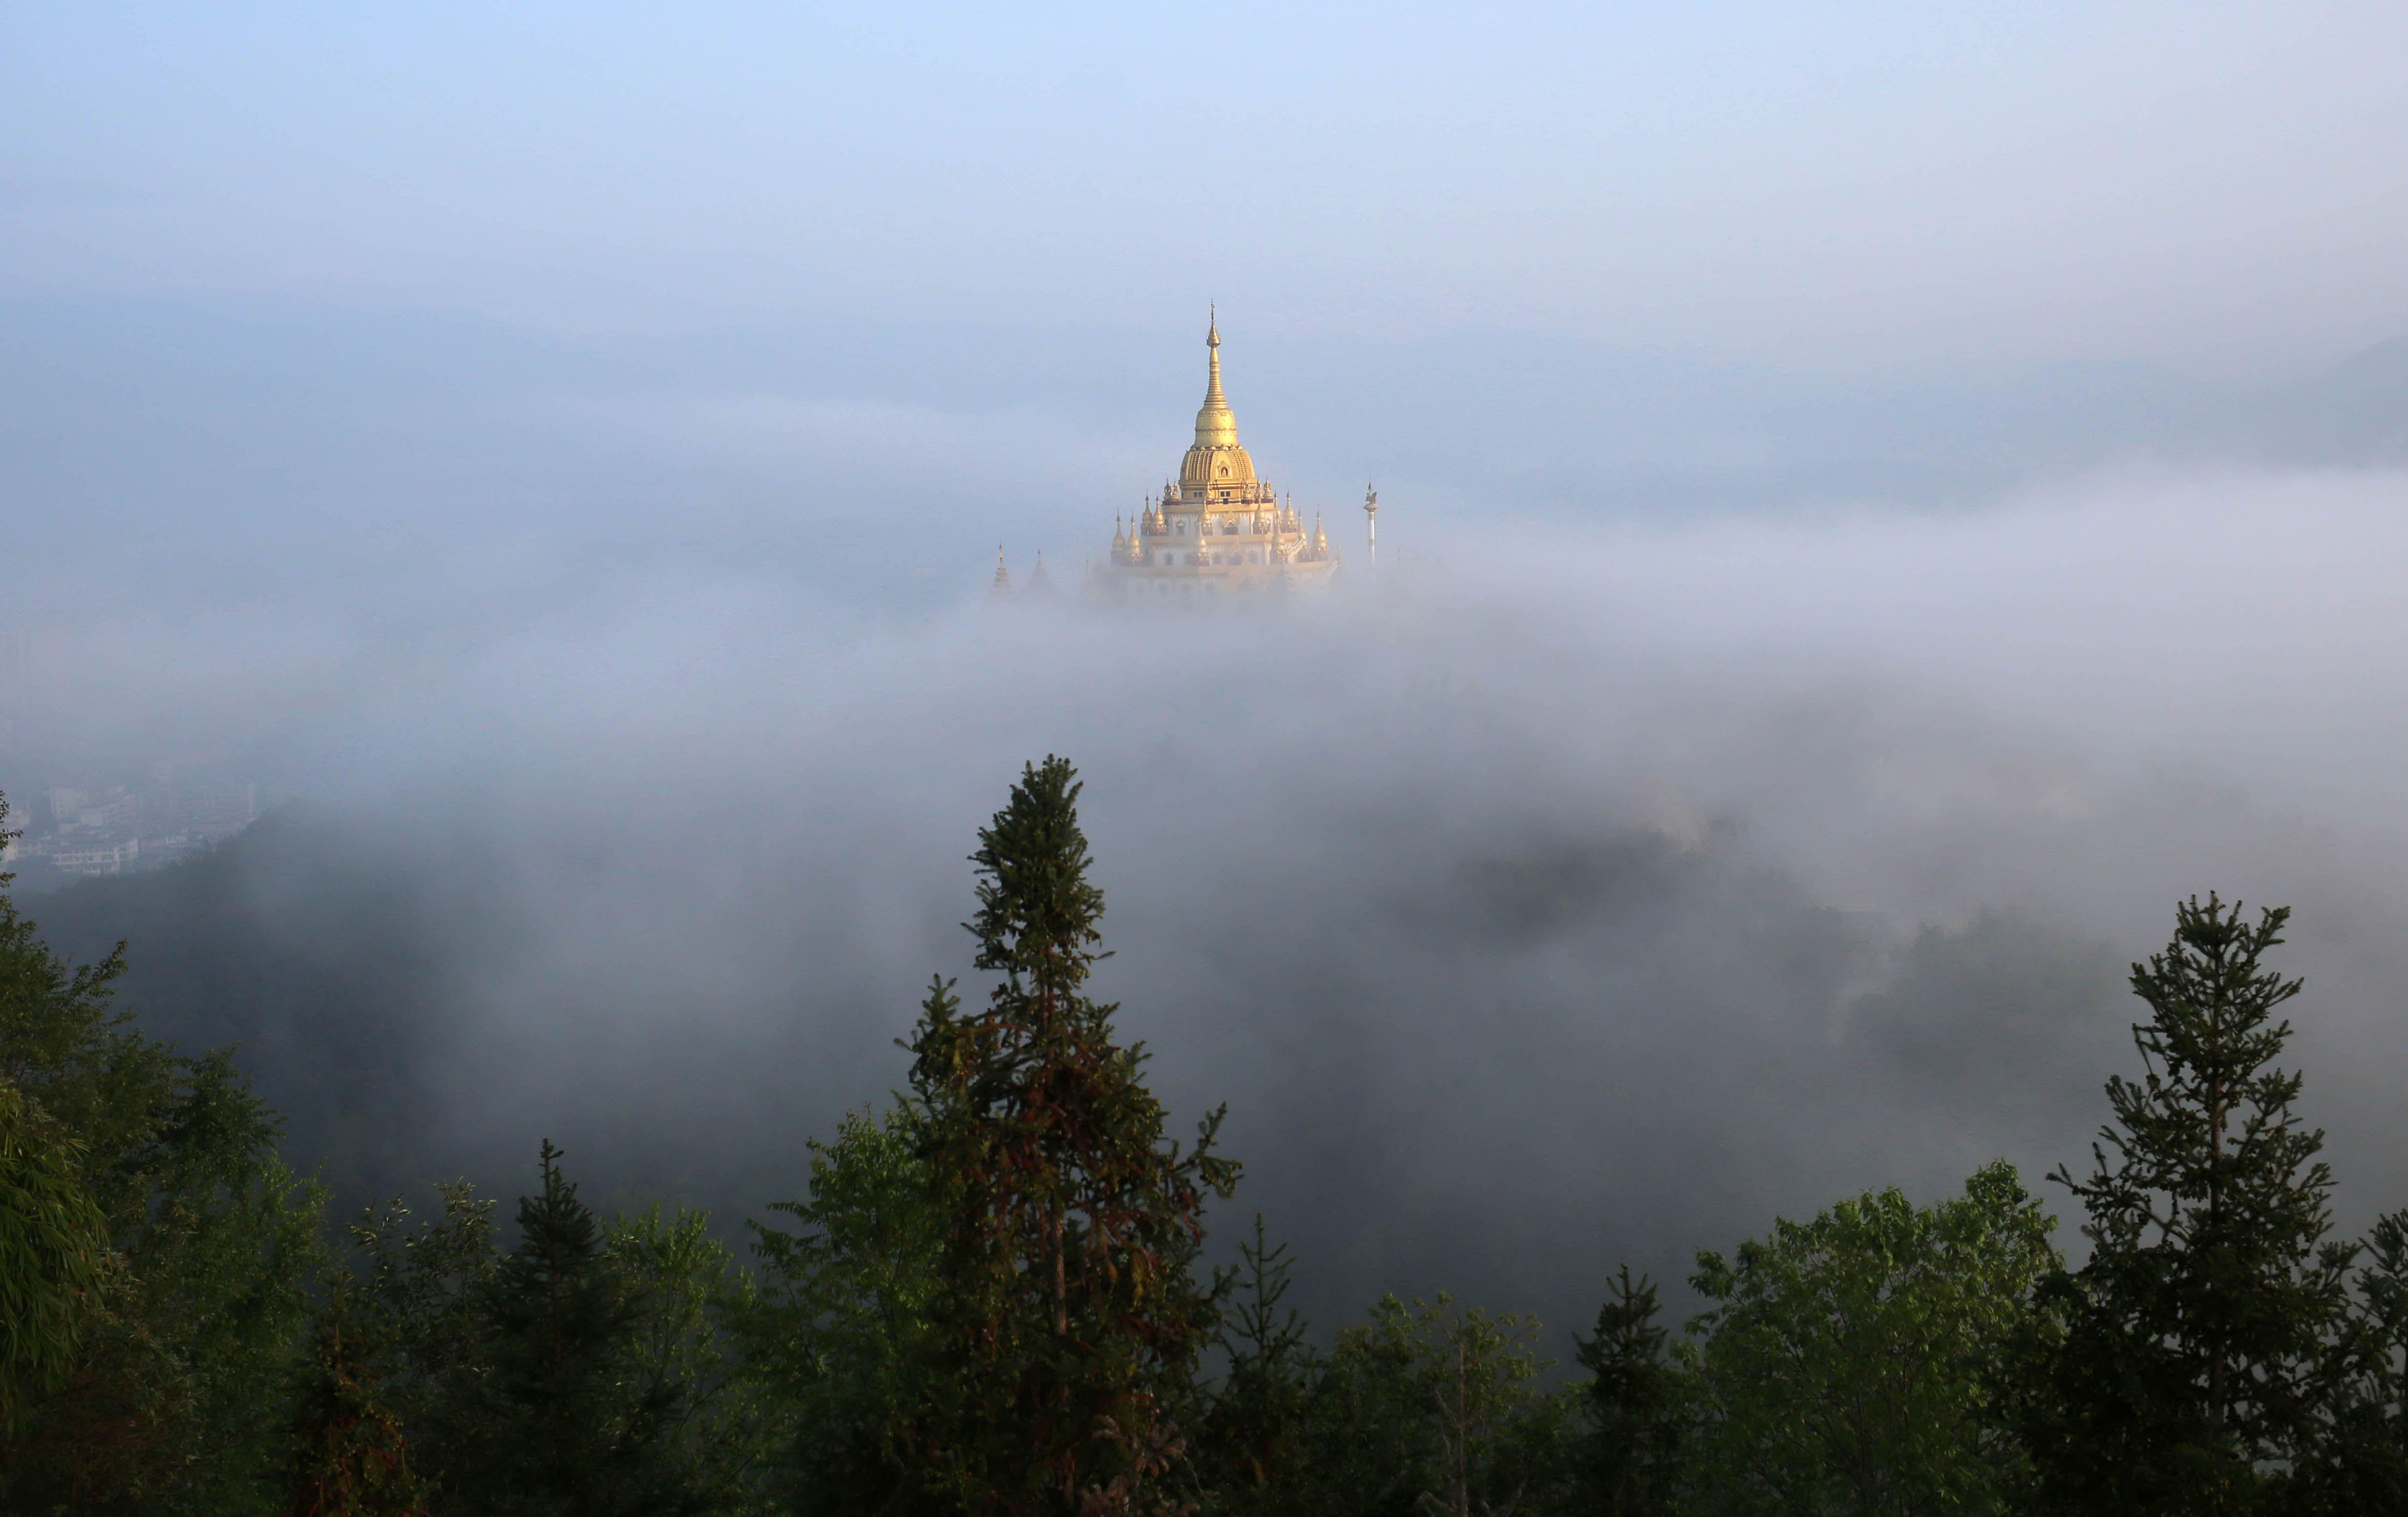 Pagode Menghuan, na província de #Yunnan, sudoeste da #China; o local é um #templo budista localizado a uma altura de 73 metros. Foto: Hao Yaxin/Xinhua.